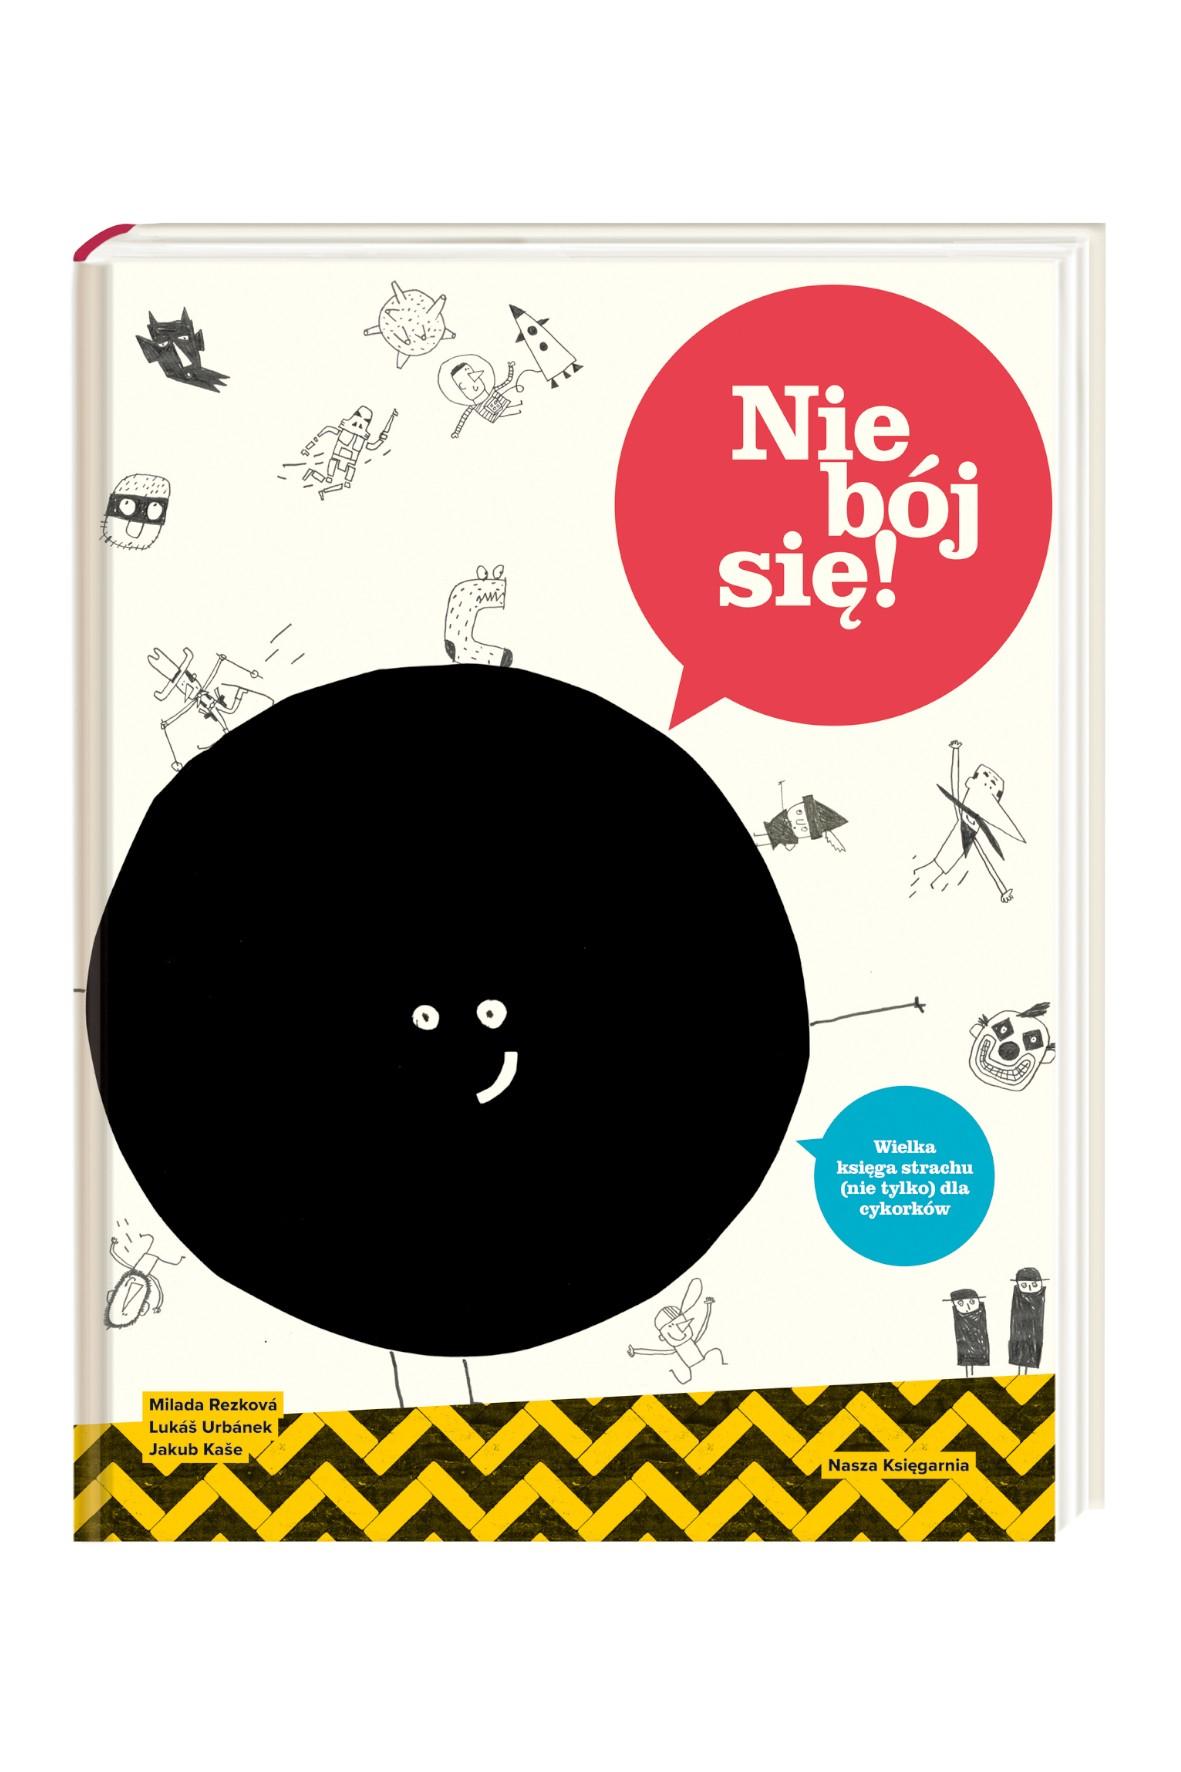 """Książka """"Nie bój się! Wielka księga strachu (nie tylko) dla małych cykorków'"""